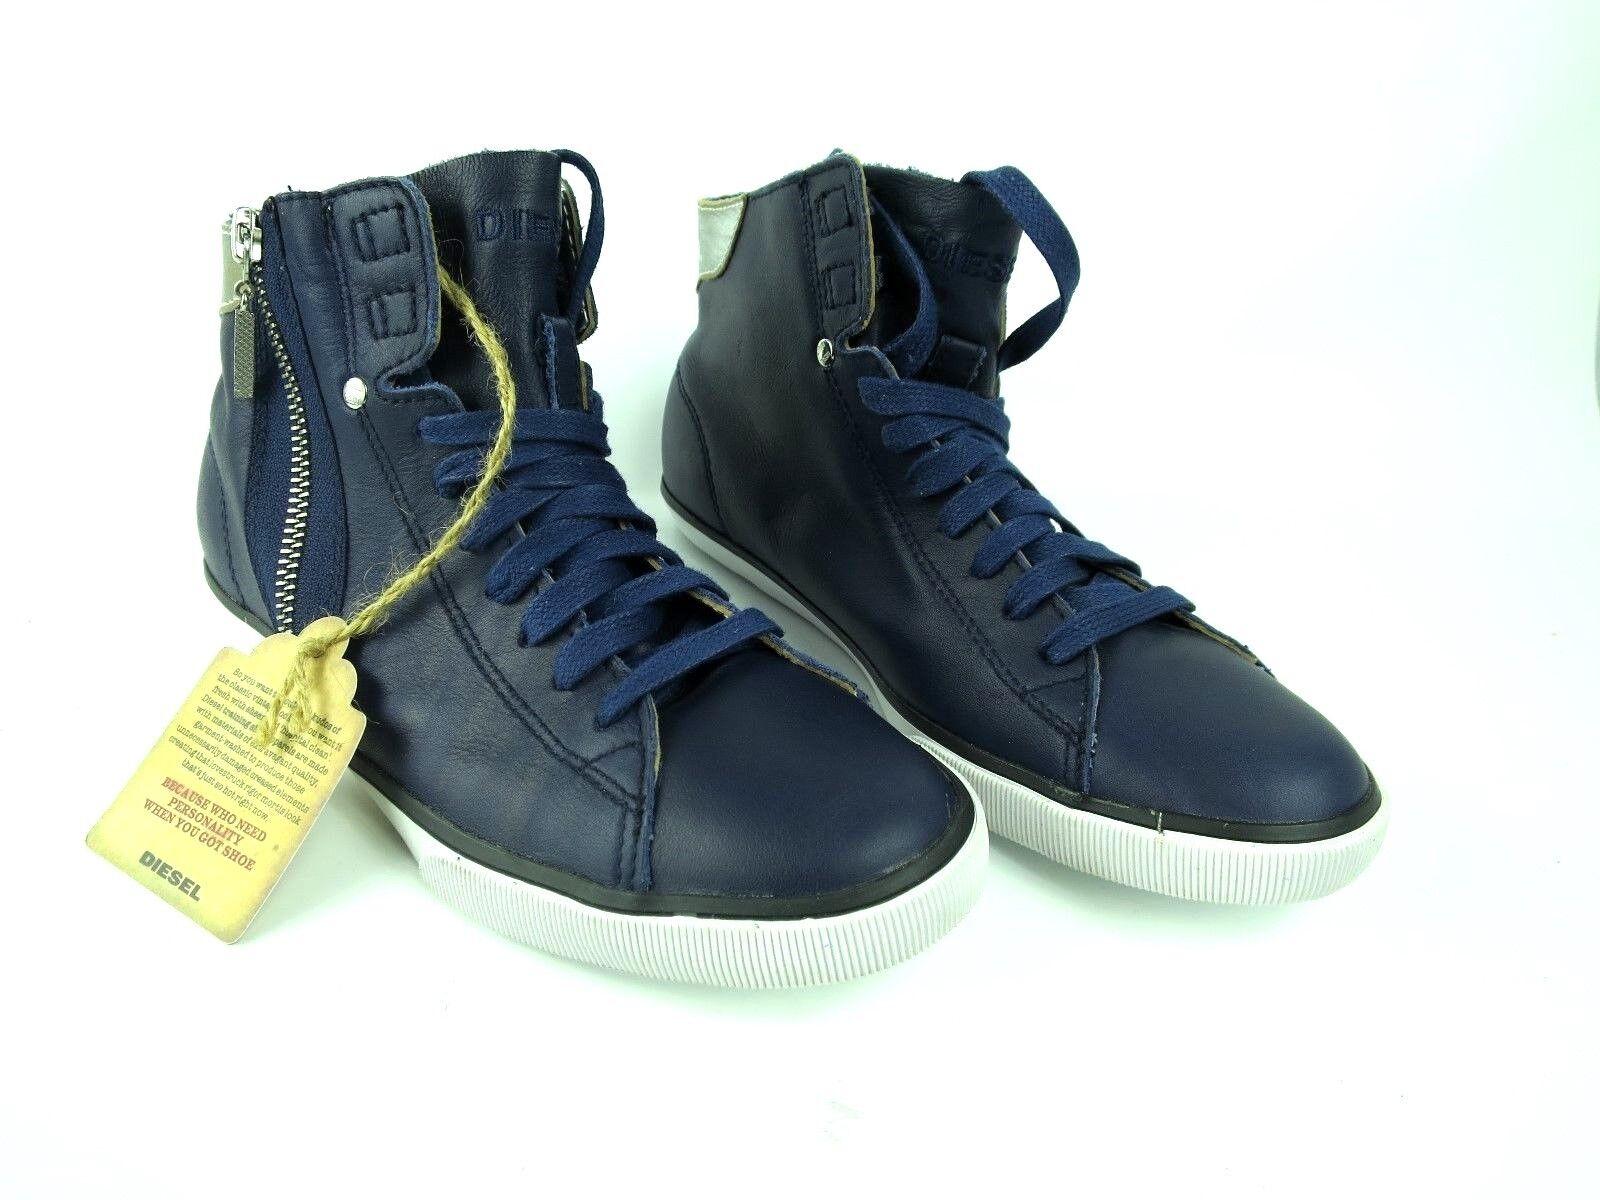 Zapatos promocionales para hombres y mujeres DIESEL Sneaker BEACH PITDamen Sneakers Women Shoes Blau Leder Y01011 NEU A8